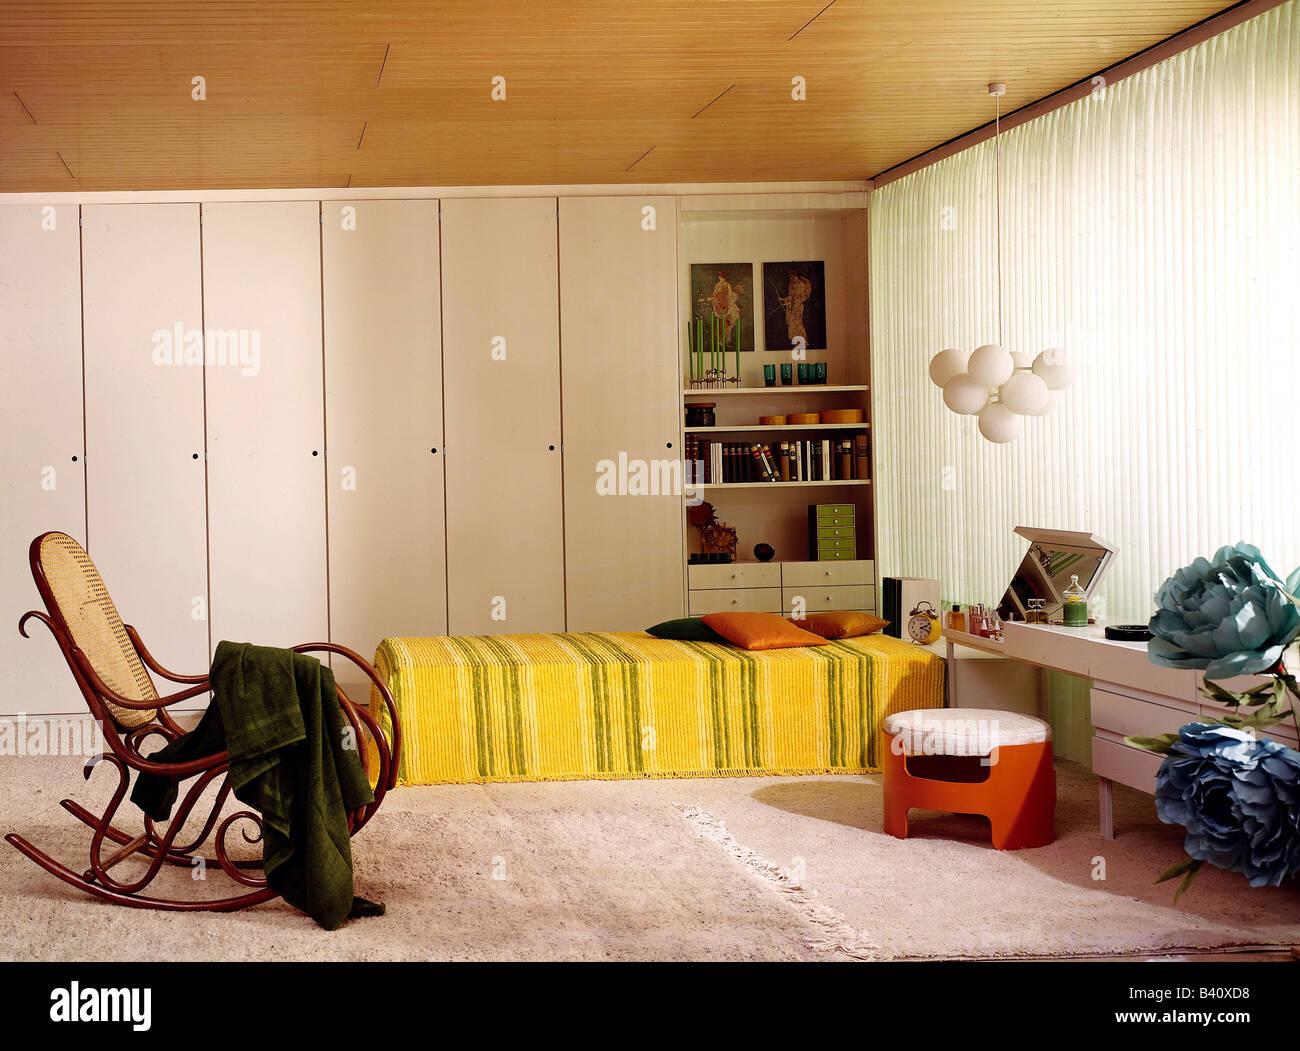 Chambre A Coucher Annees 70 ameublement, chambre à coucher, années 1970, années 70